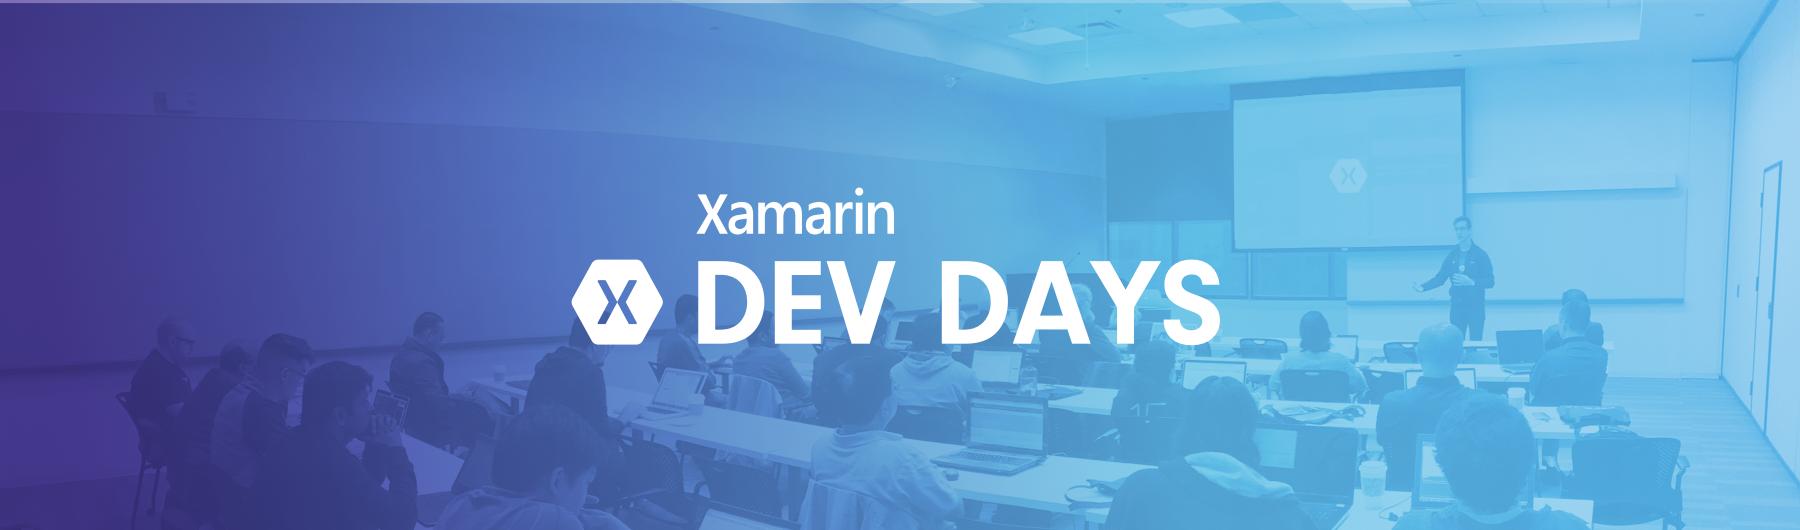 Xamarin Dev Days - Nairobi